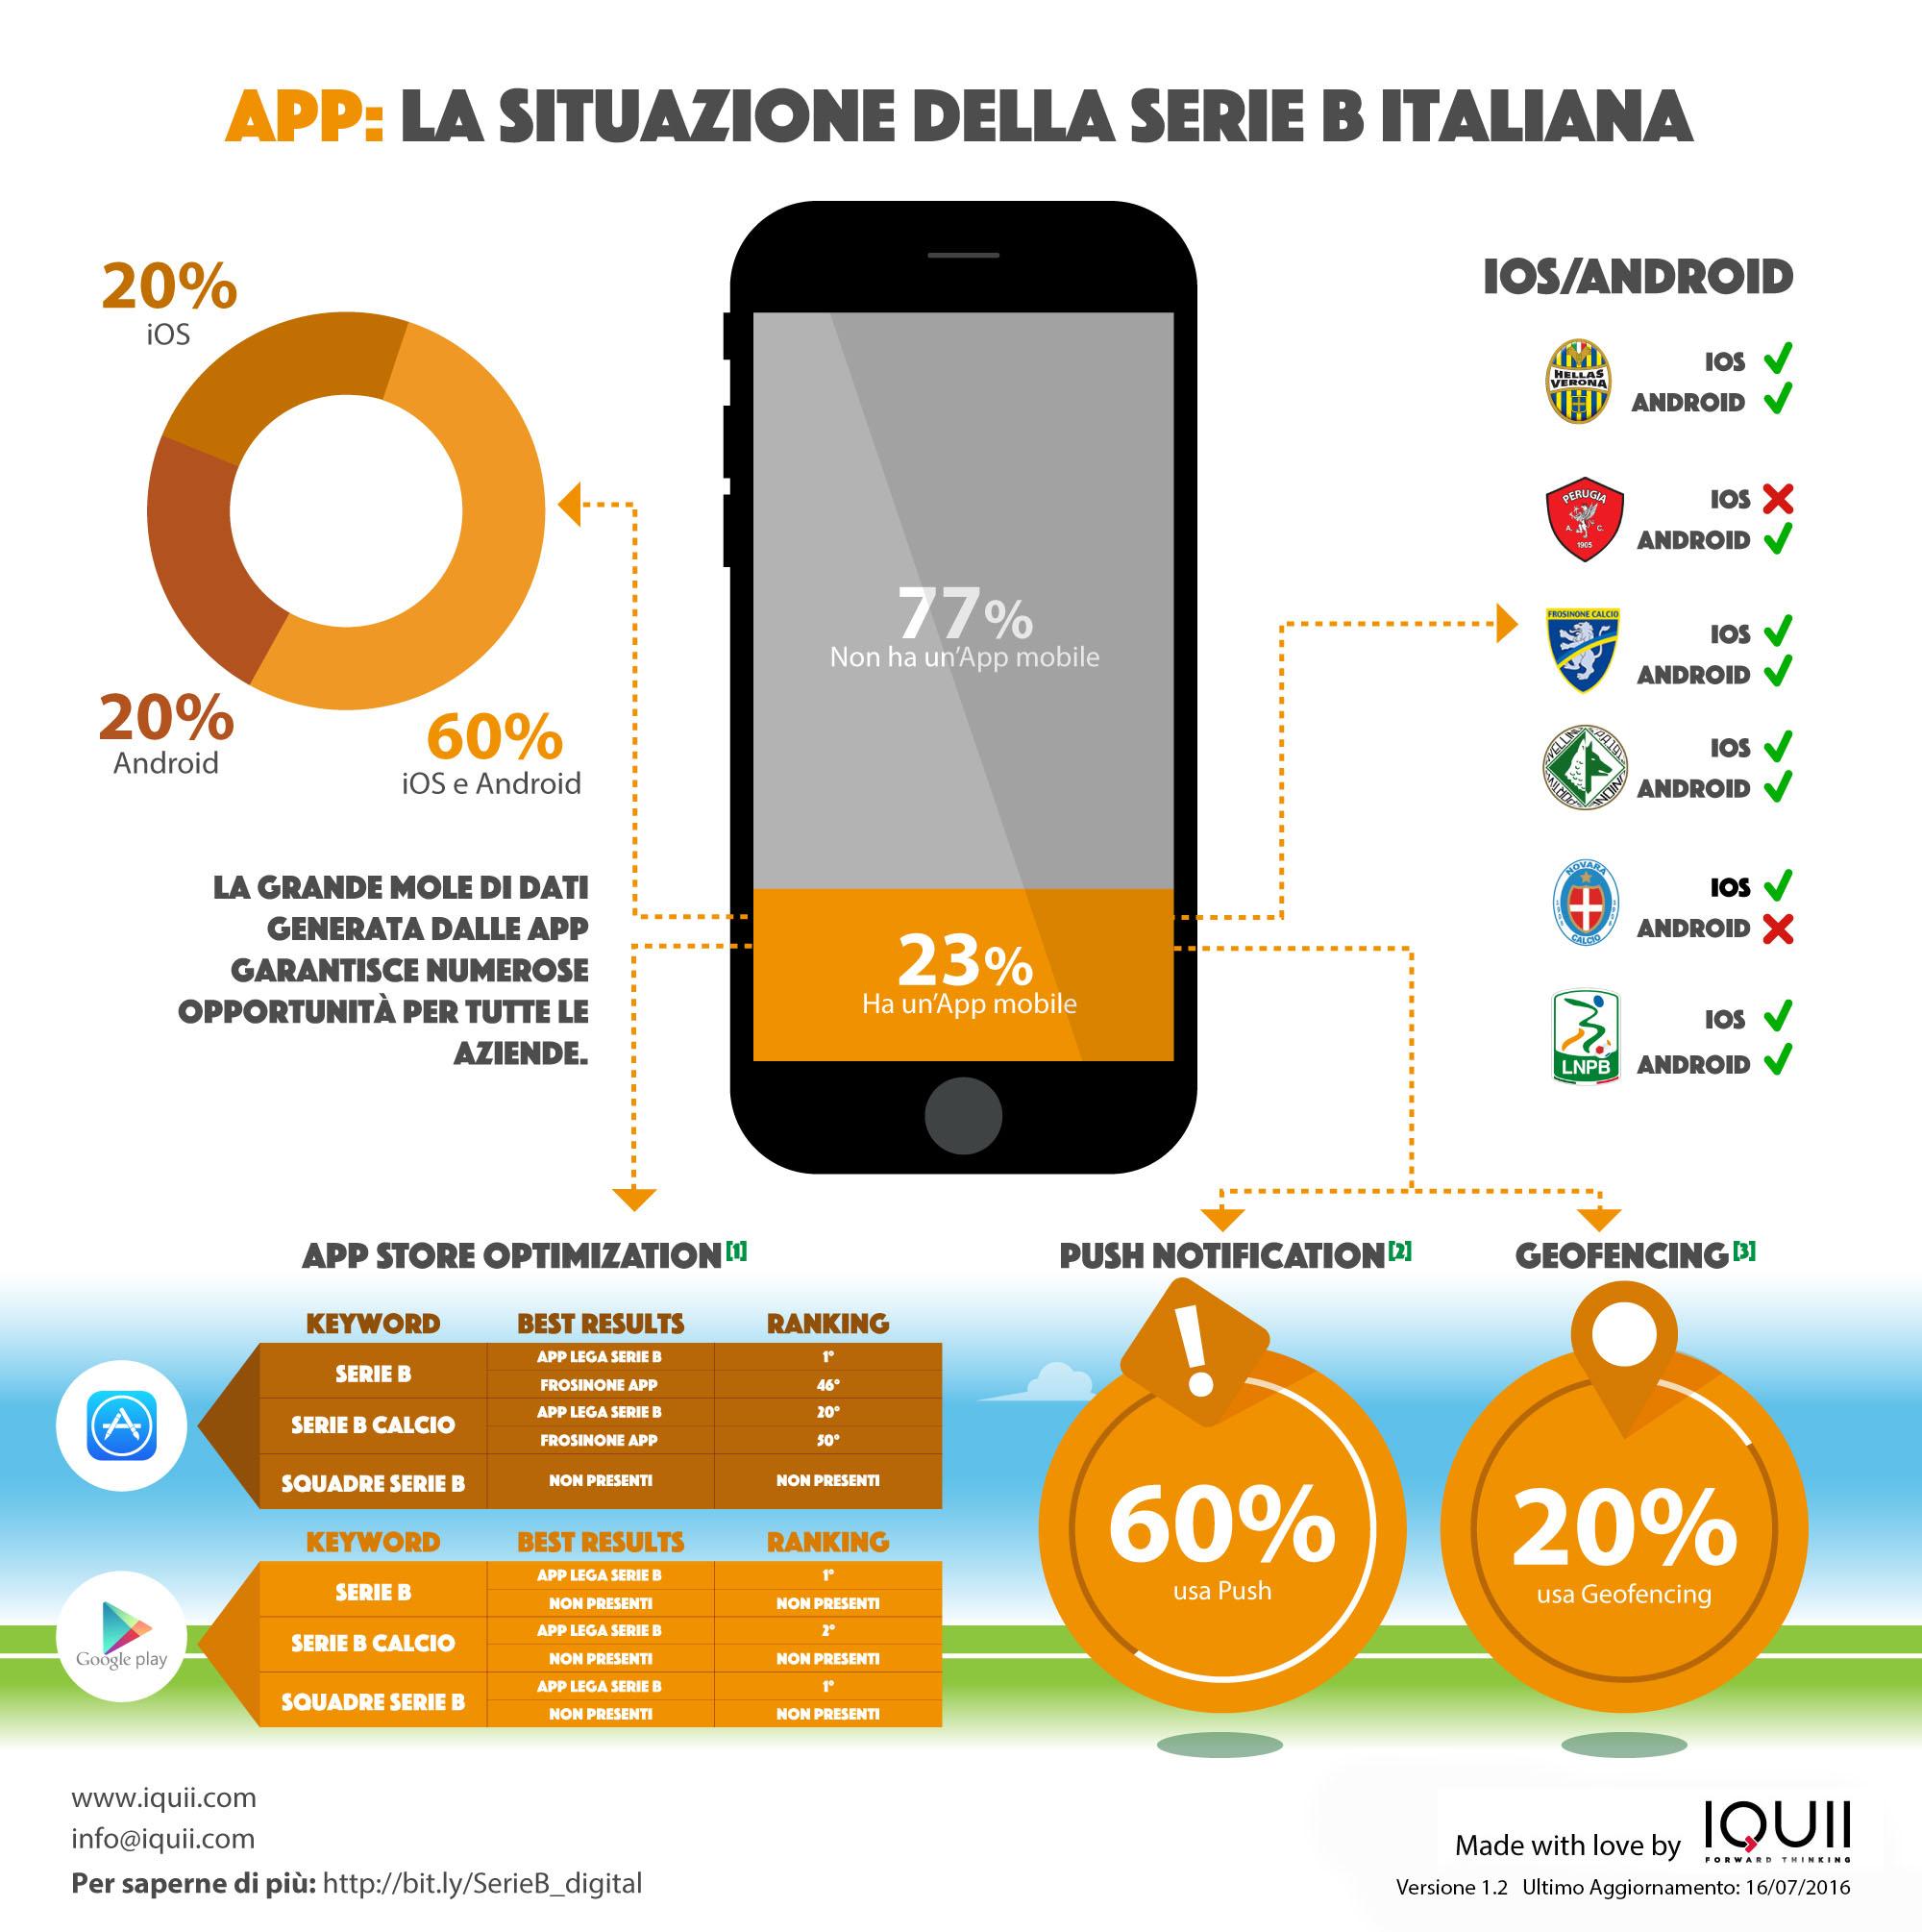 IQUII Serie B app mobile